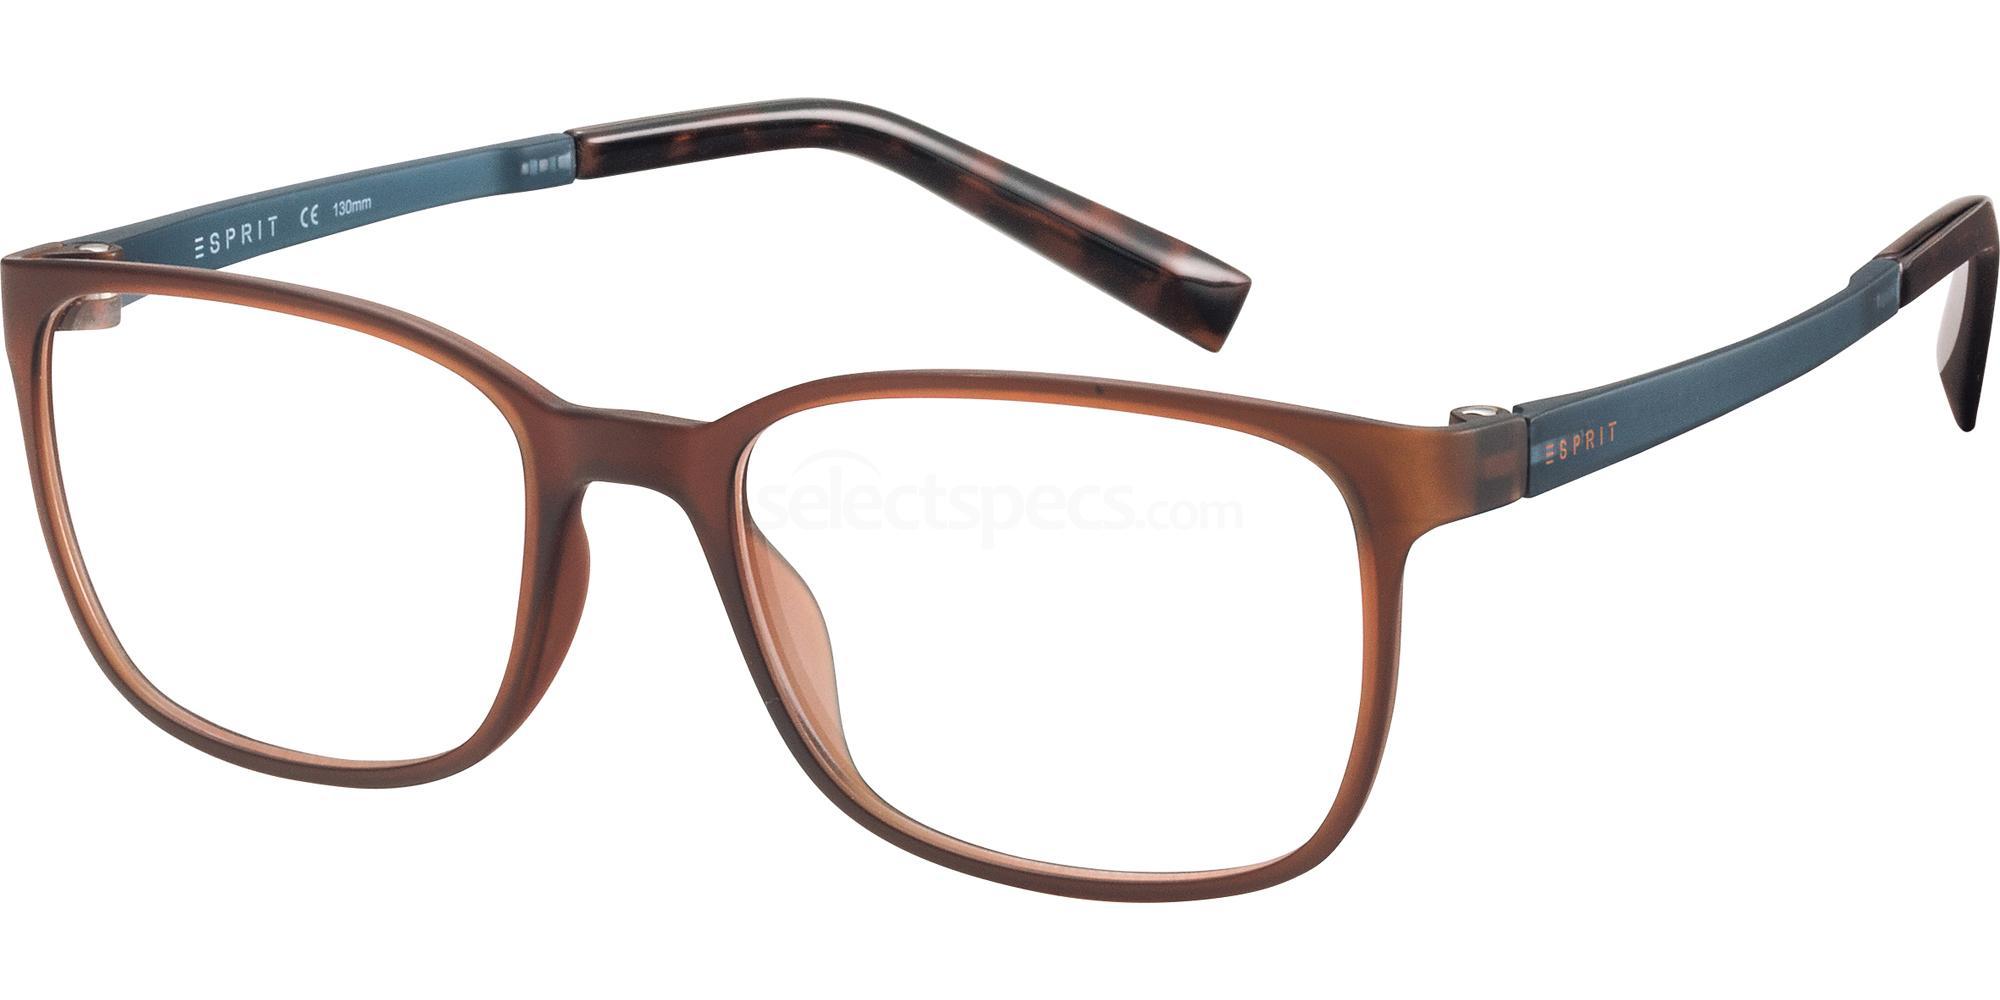 535 ET17514 Glasses, Esprit